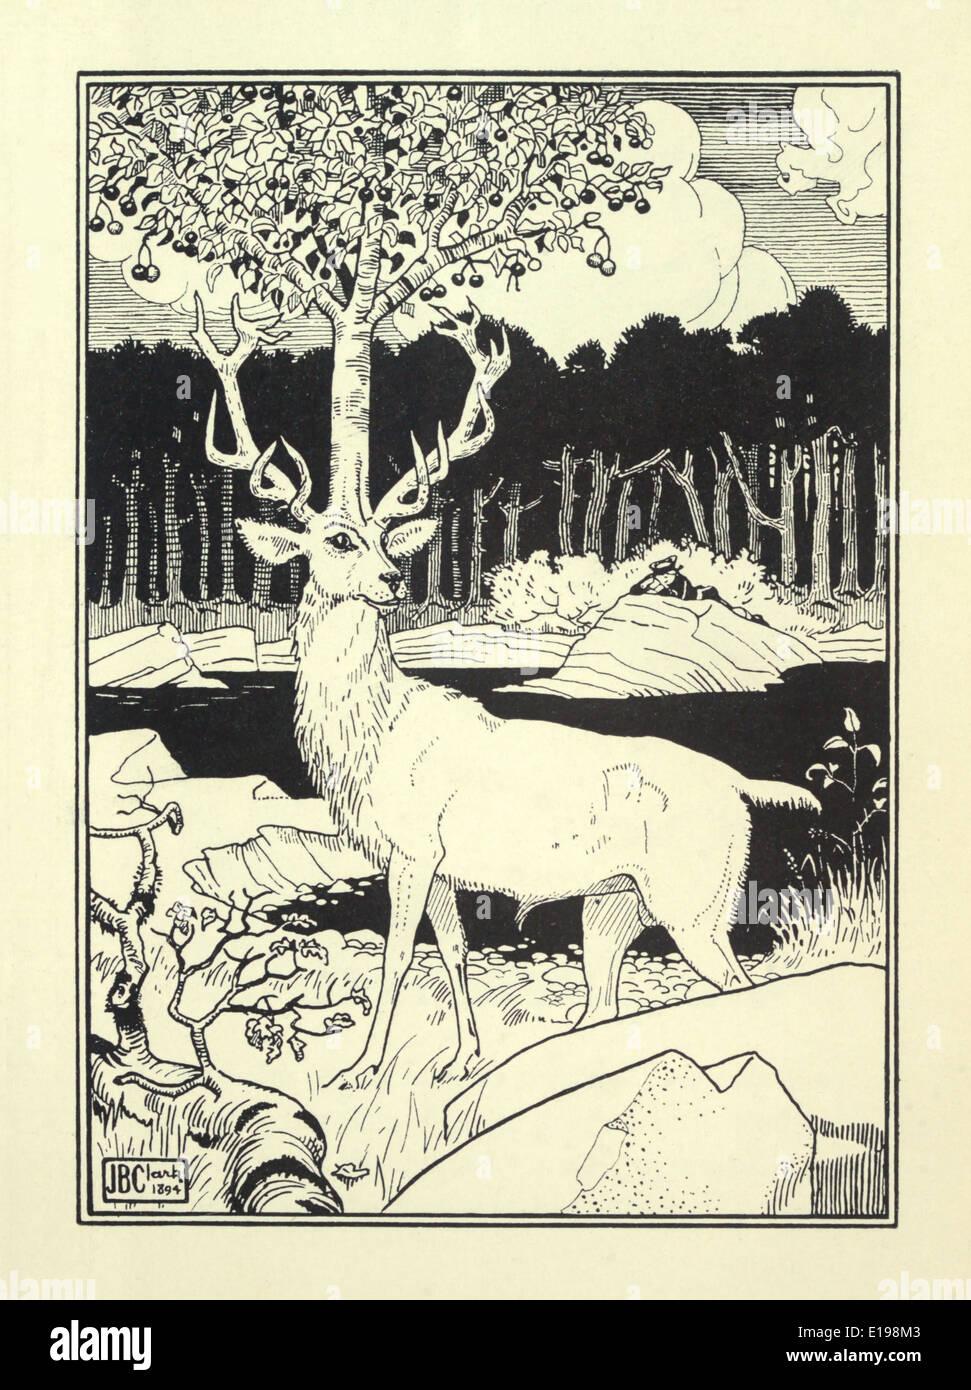 """J. B. Clark ilustración de 'las sorprendentes aventuras del barón de Munchausen"""" por Rudoph Raspe publicada en 1895. Stag Foto de stock"""